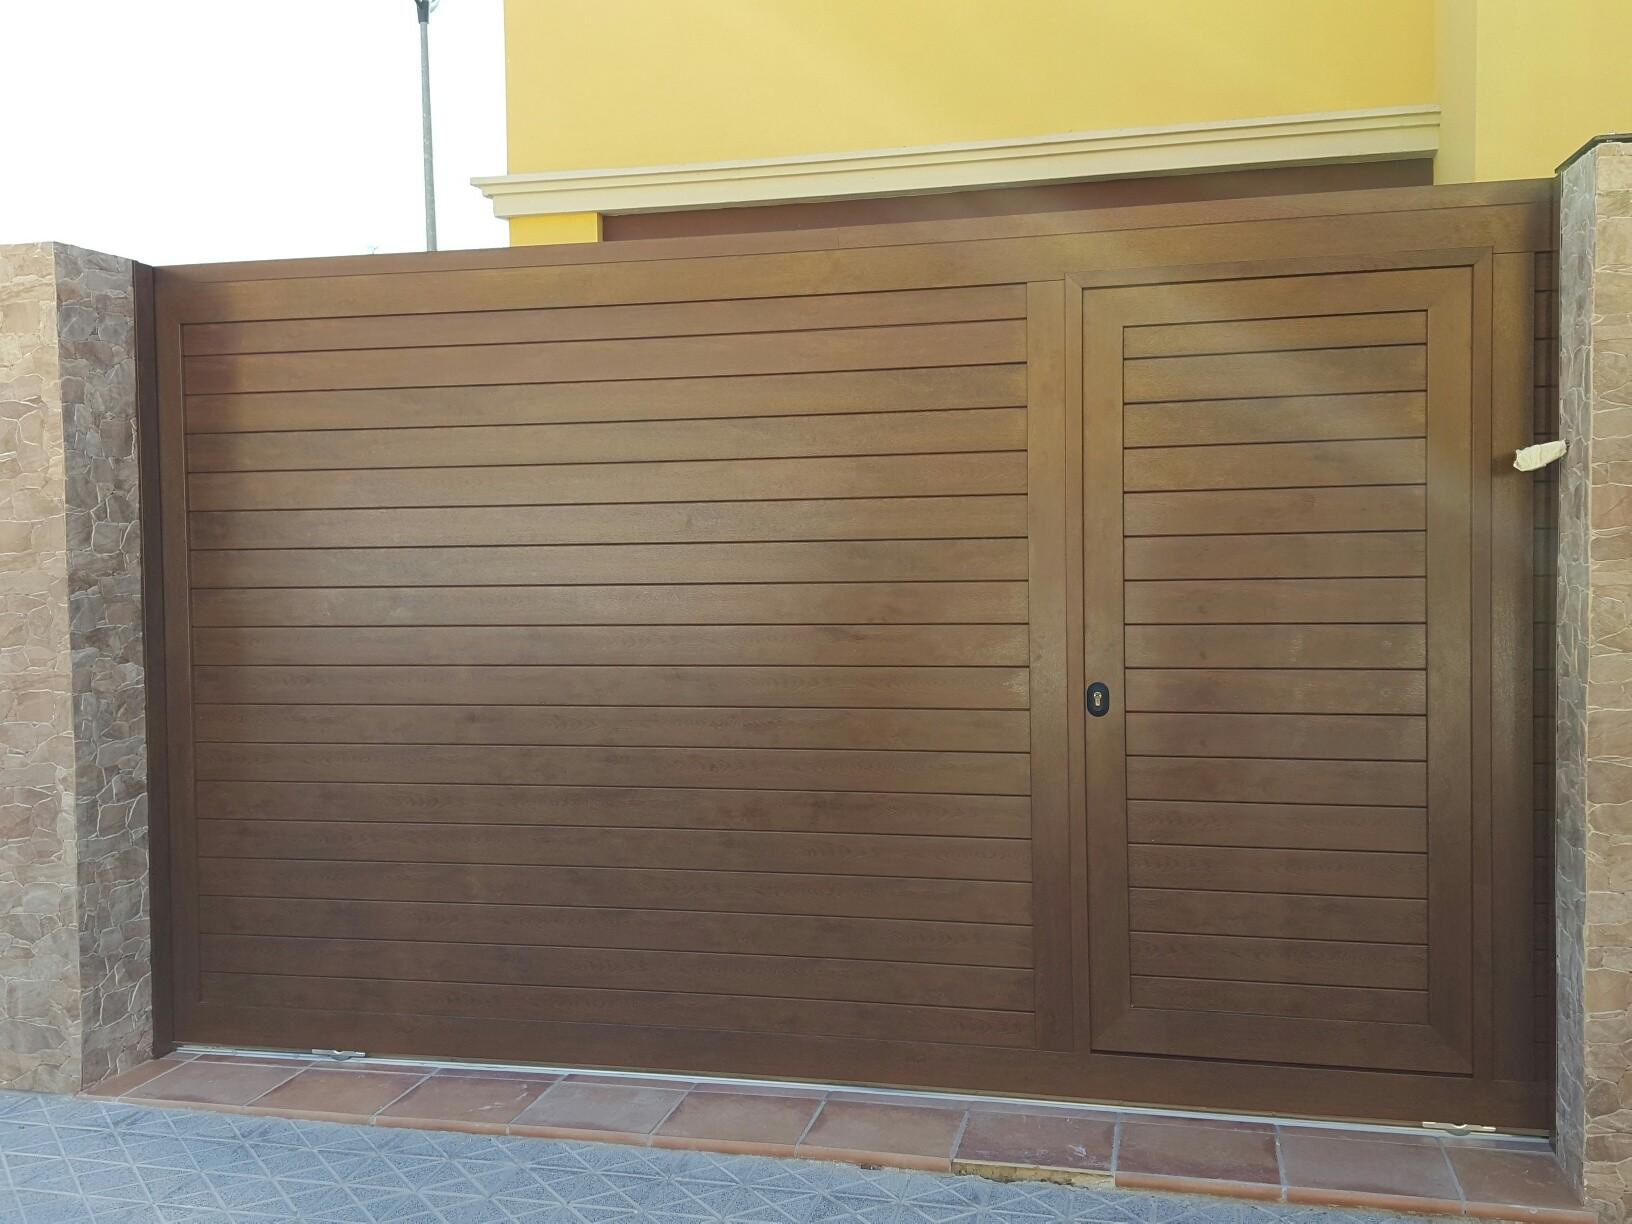 Puertas correderas puertas de garaje en murcia frampe - Puertas automaticas en murcia ...